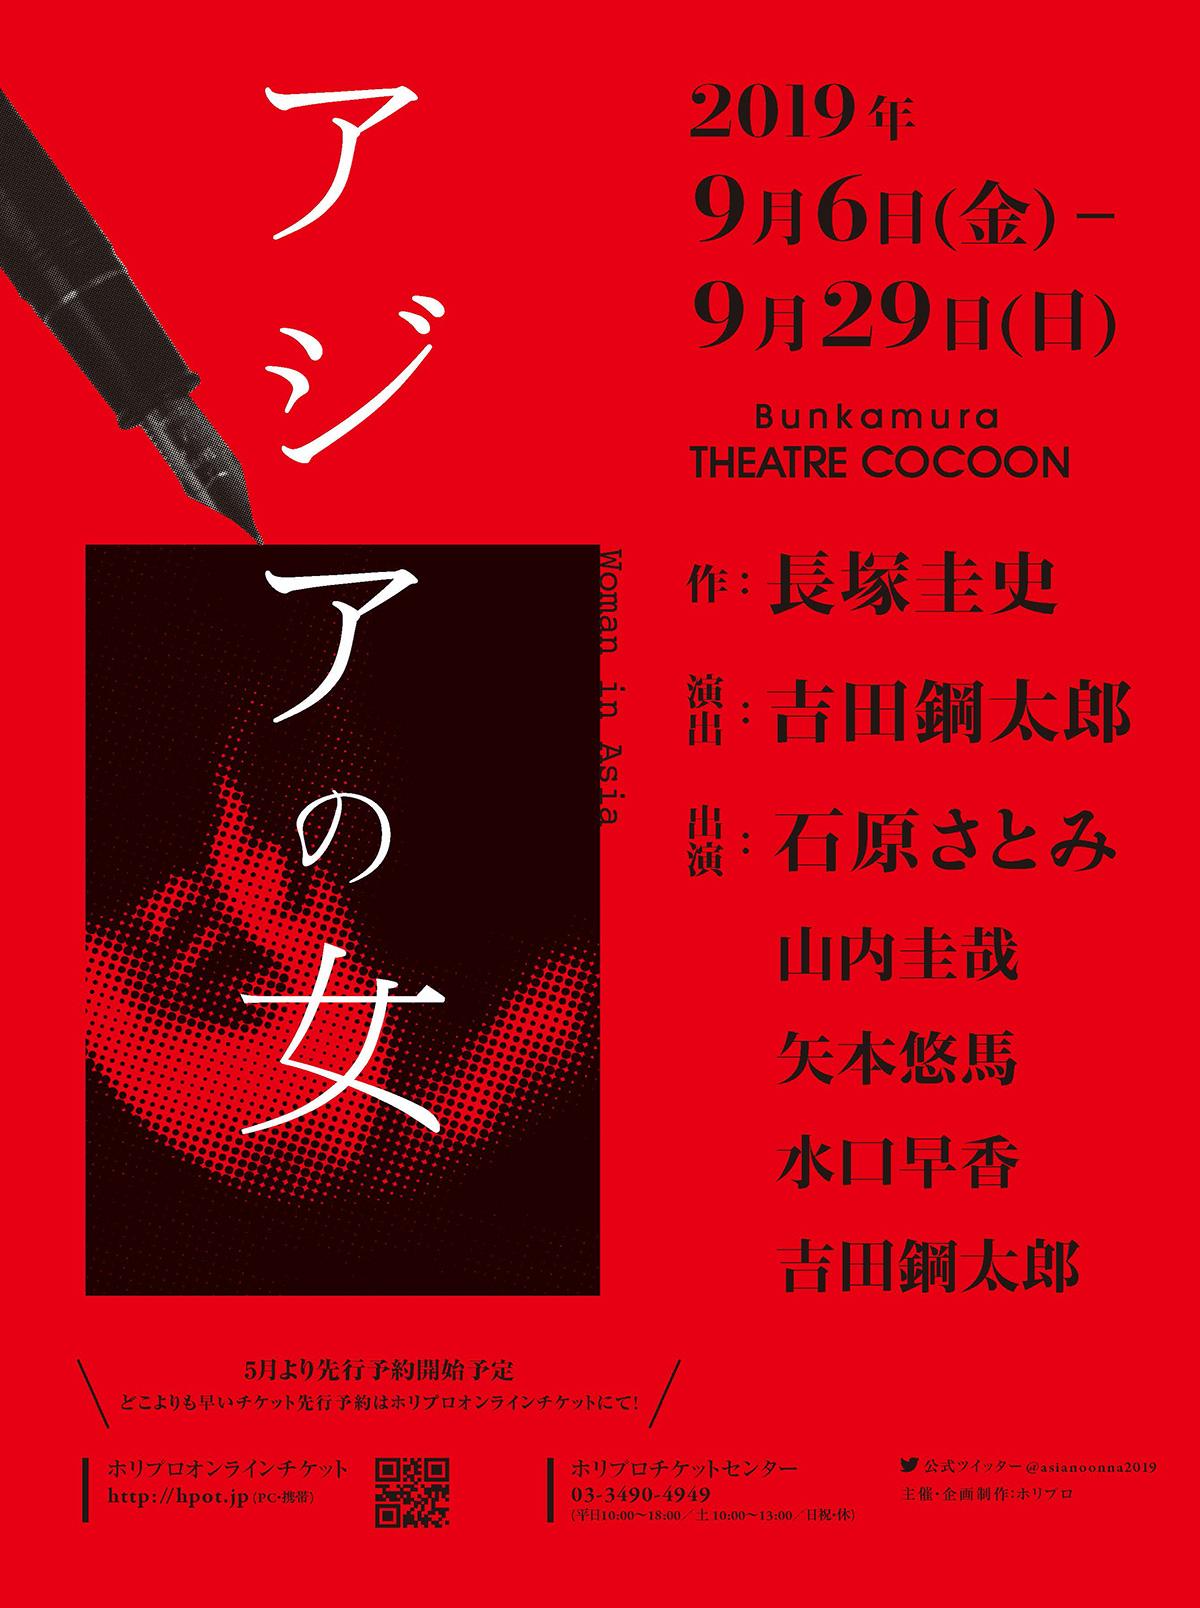 石原さとみ主演『アジアの女』舞台先行予約2